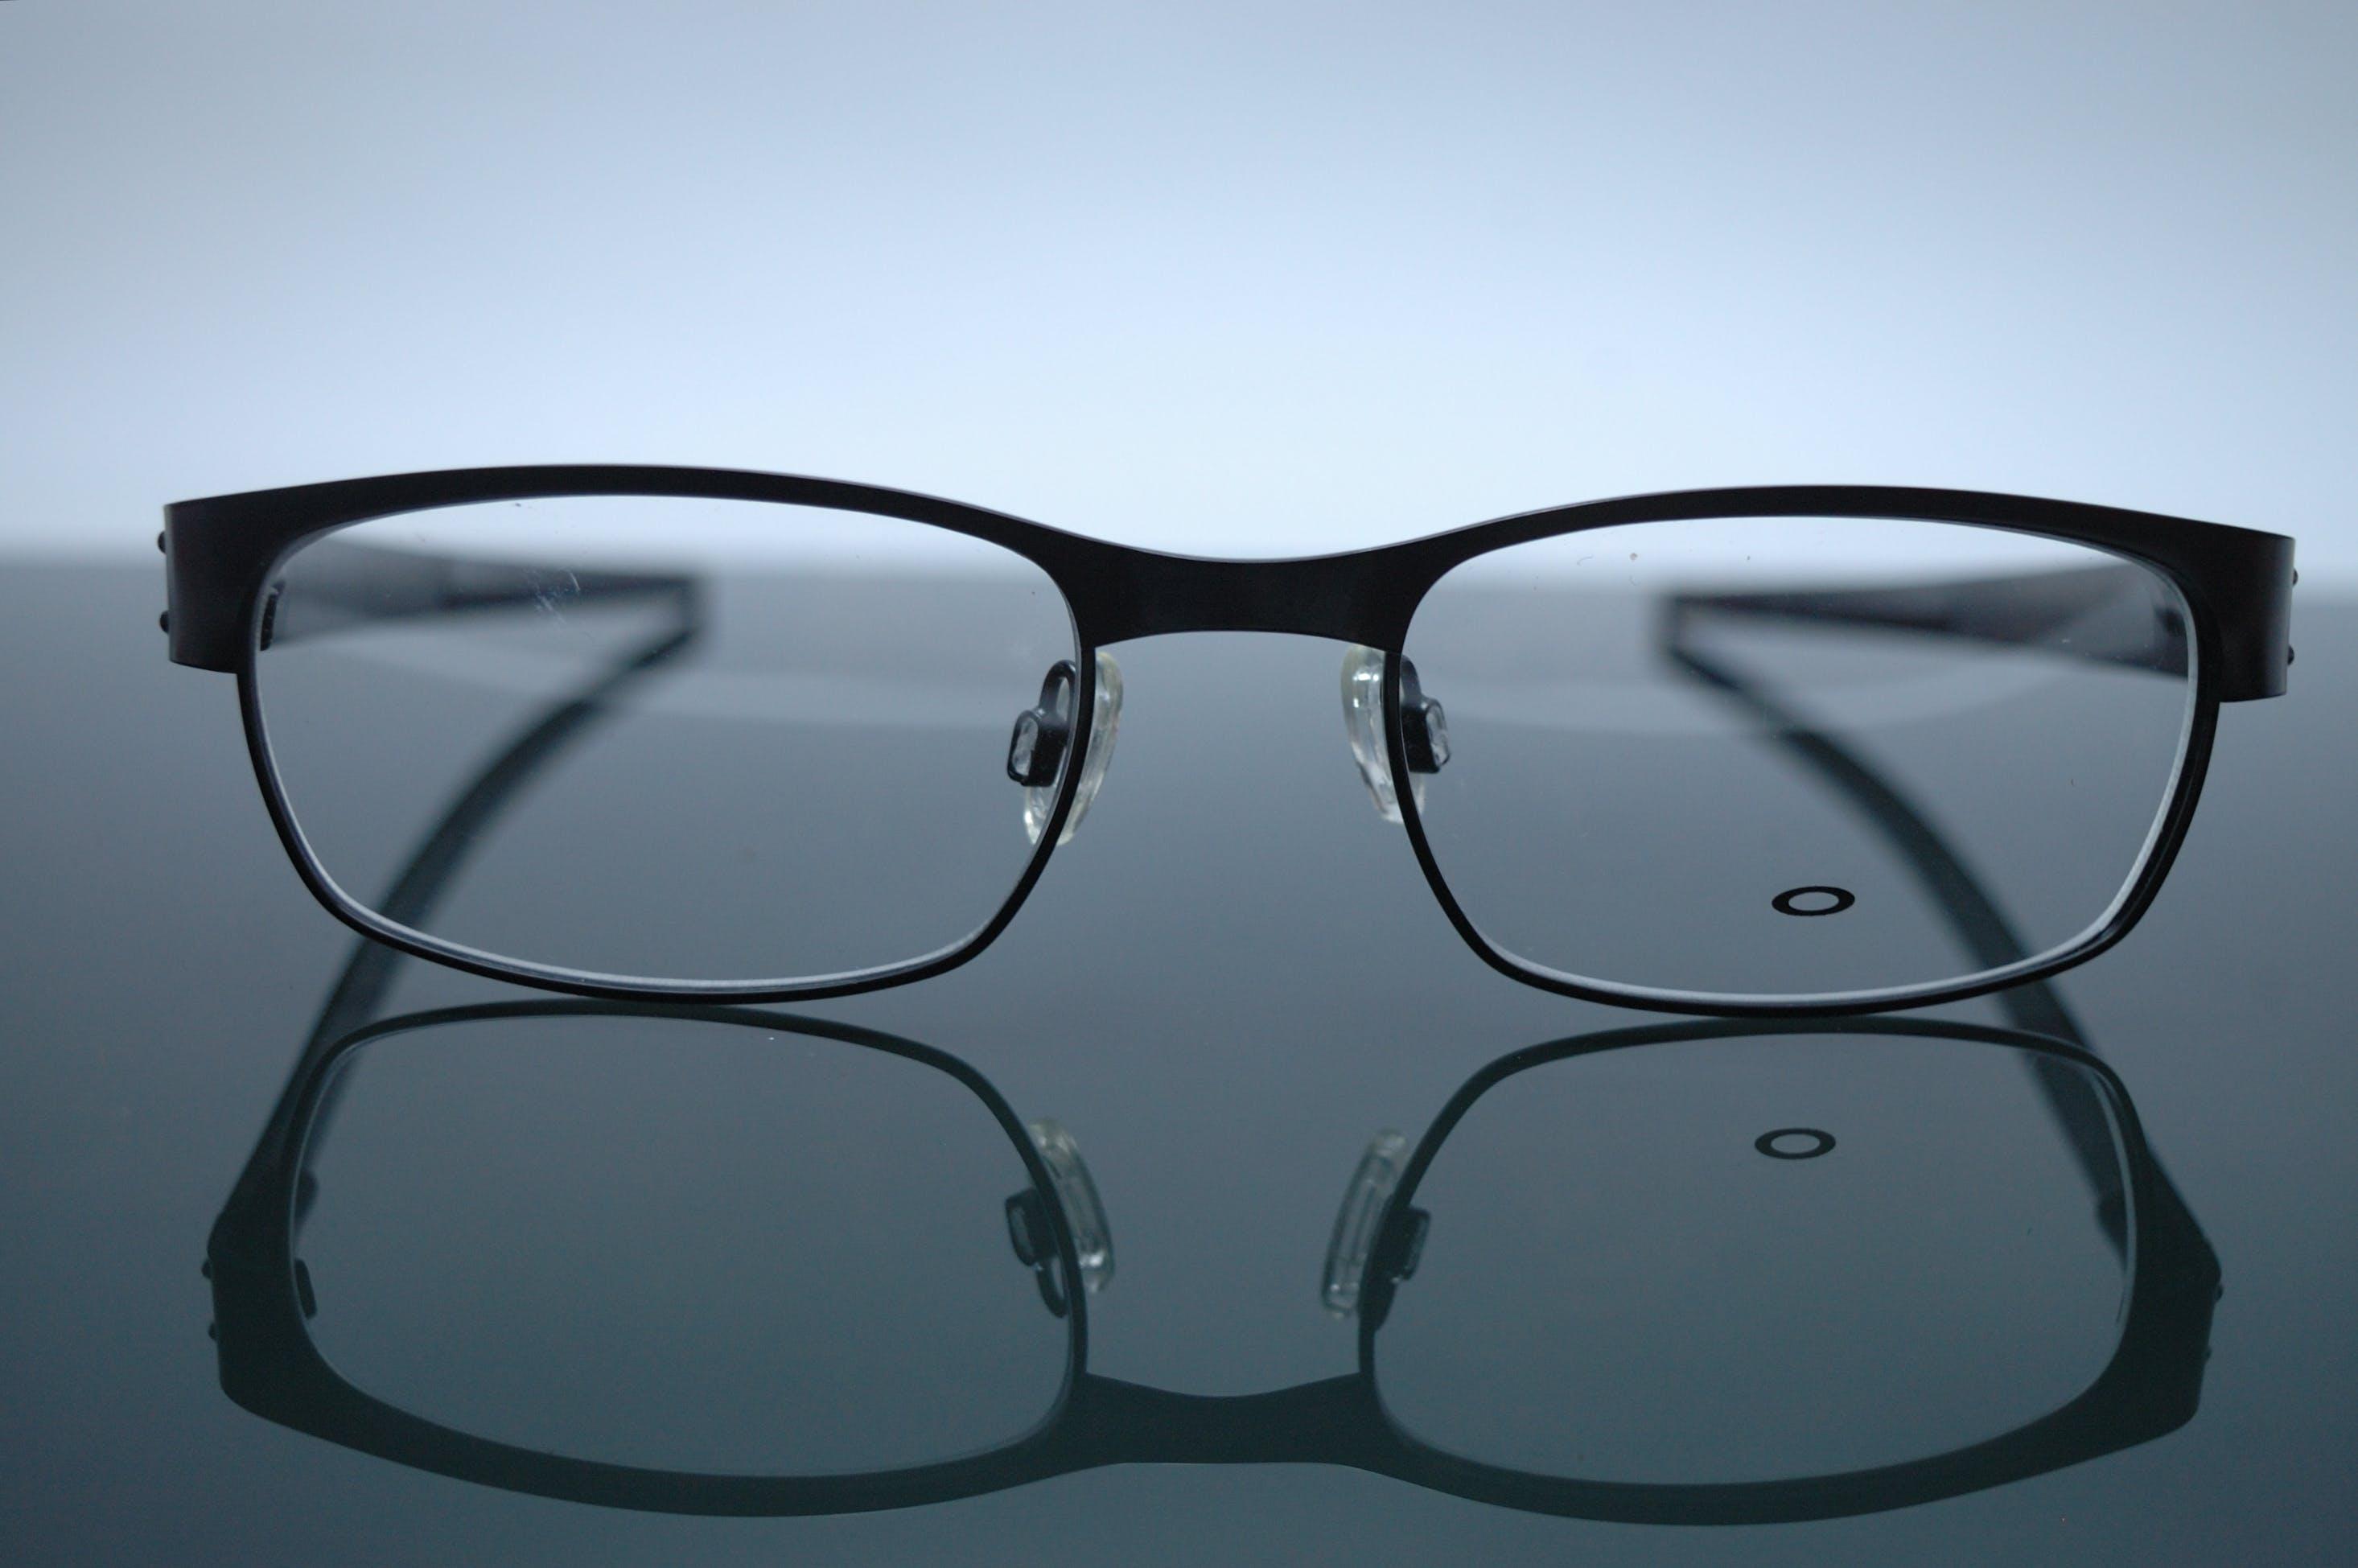 Kostenloses Stock Foto zu sonnenbrille, brille, lesebrille, augengläser